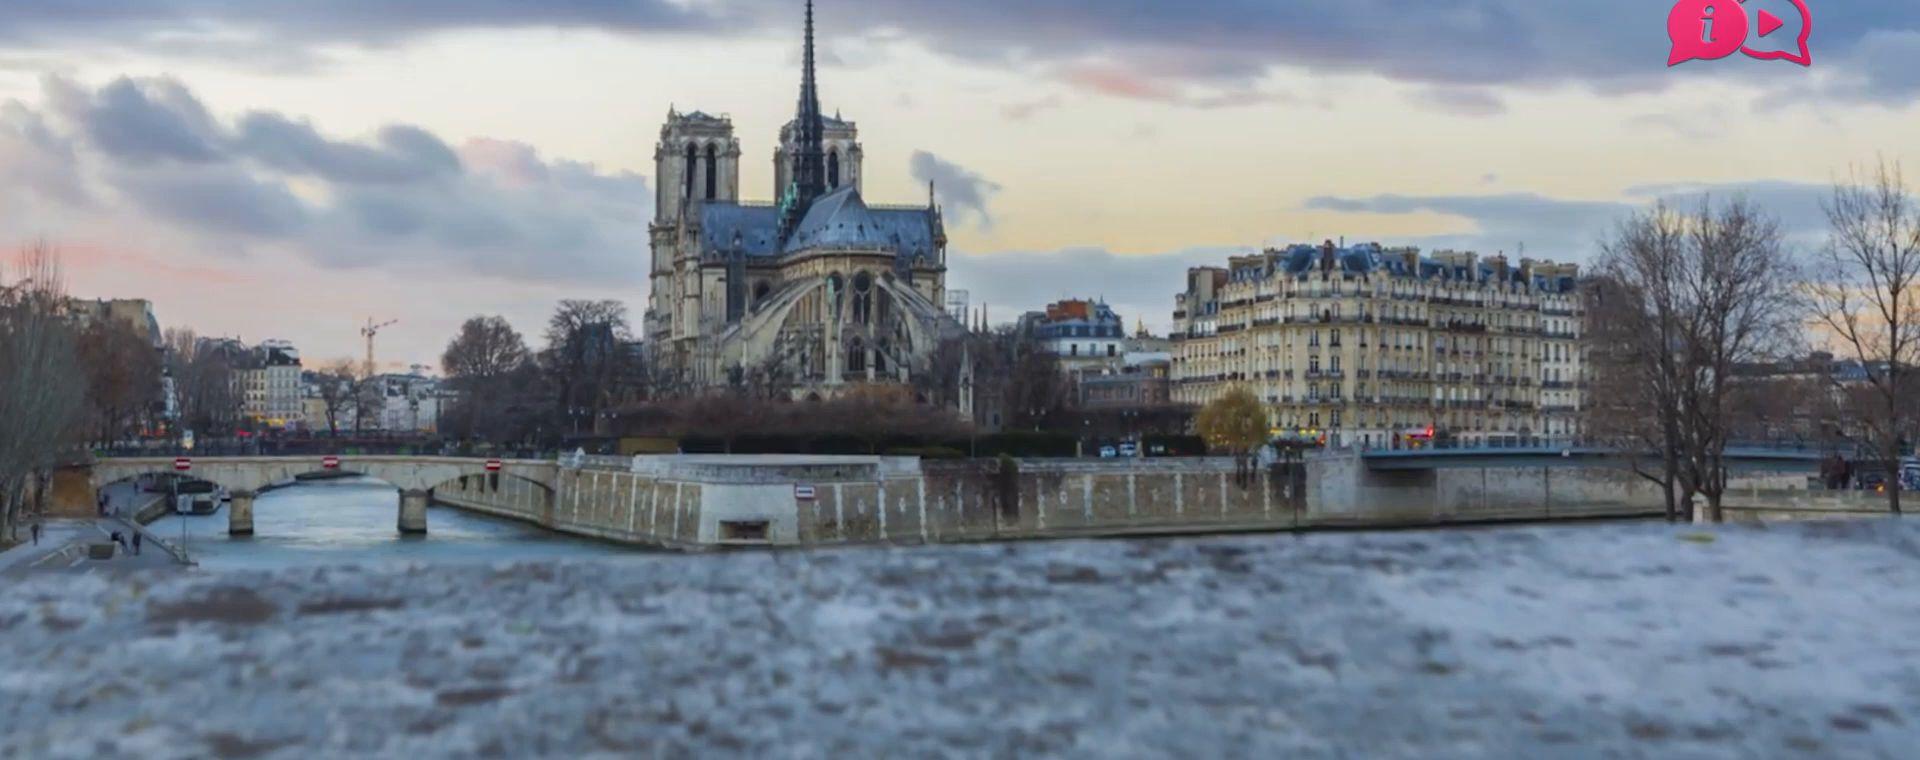 NOTREDAME DE PARIS